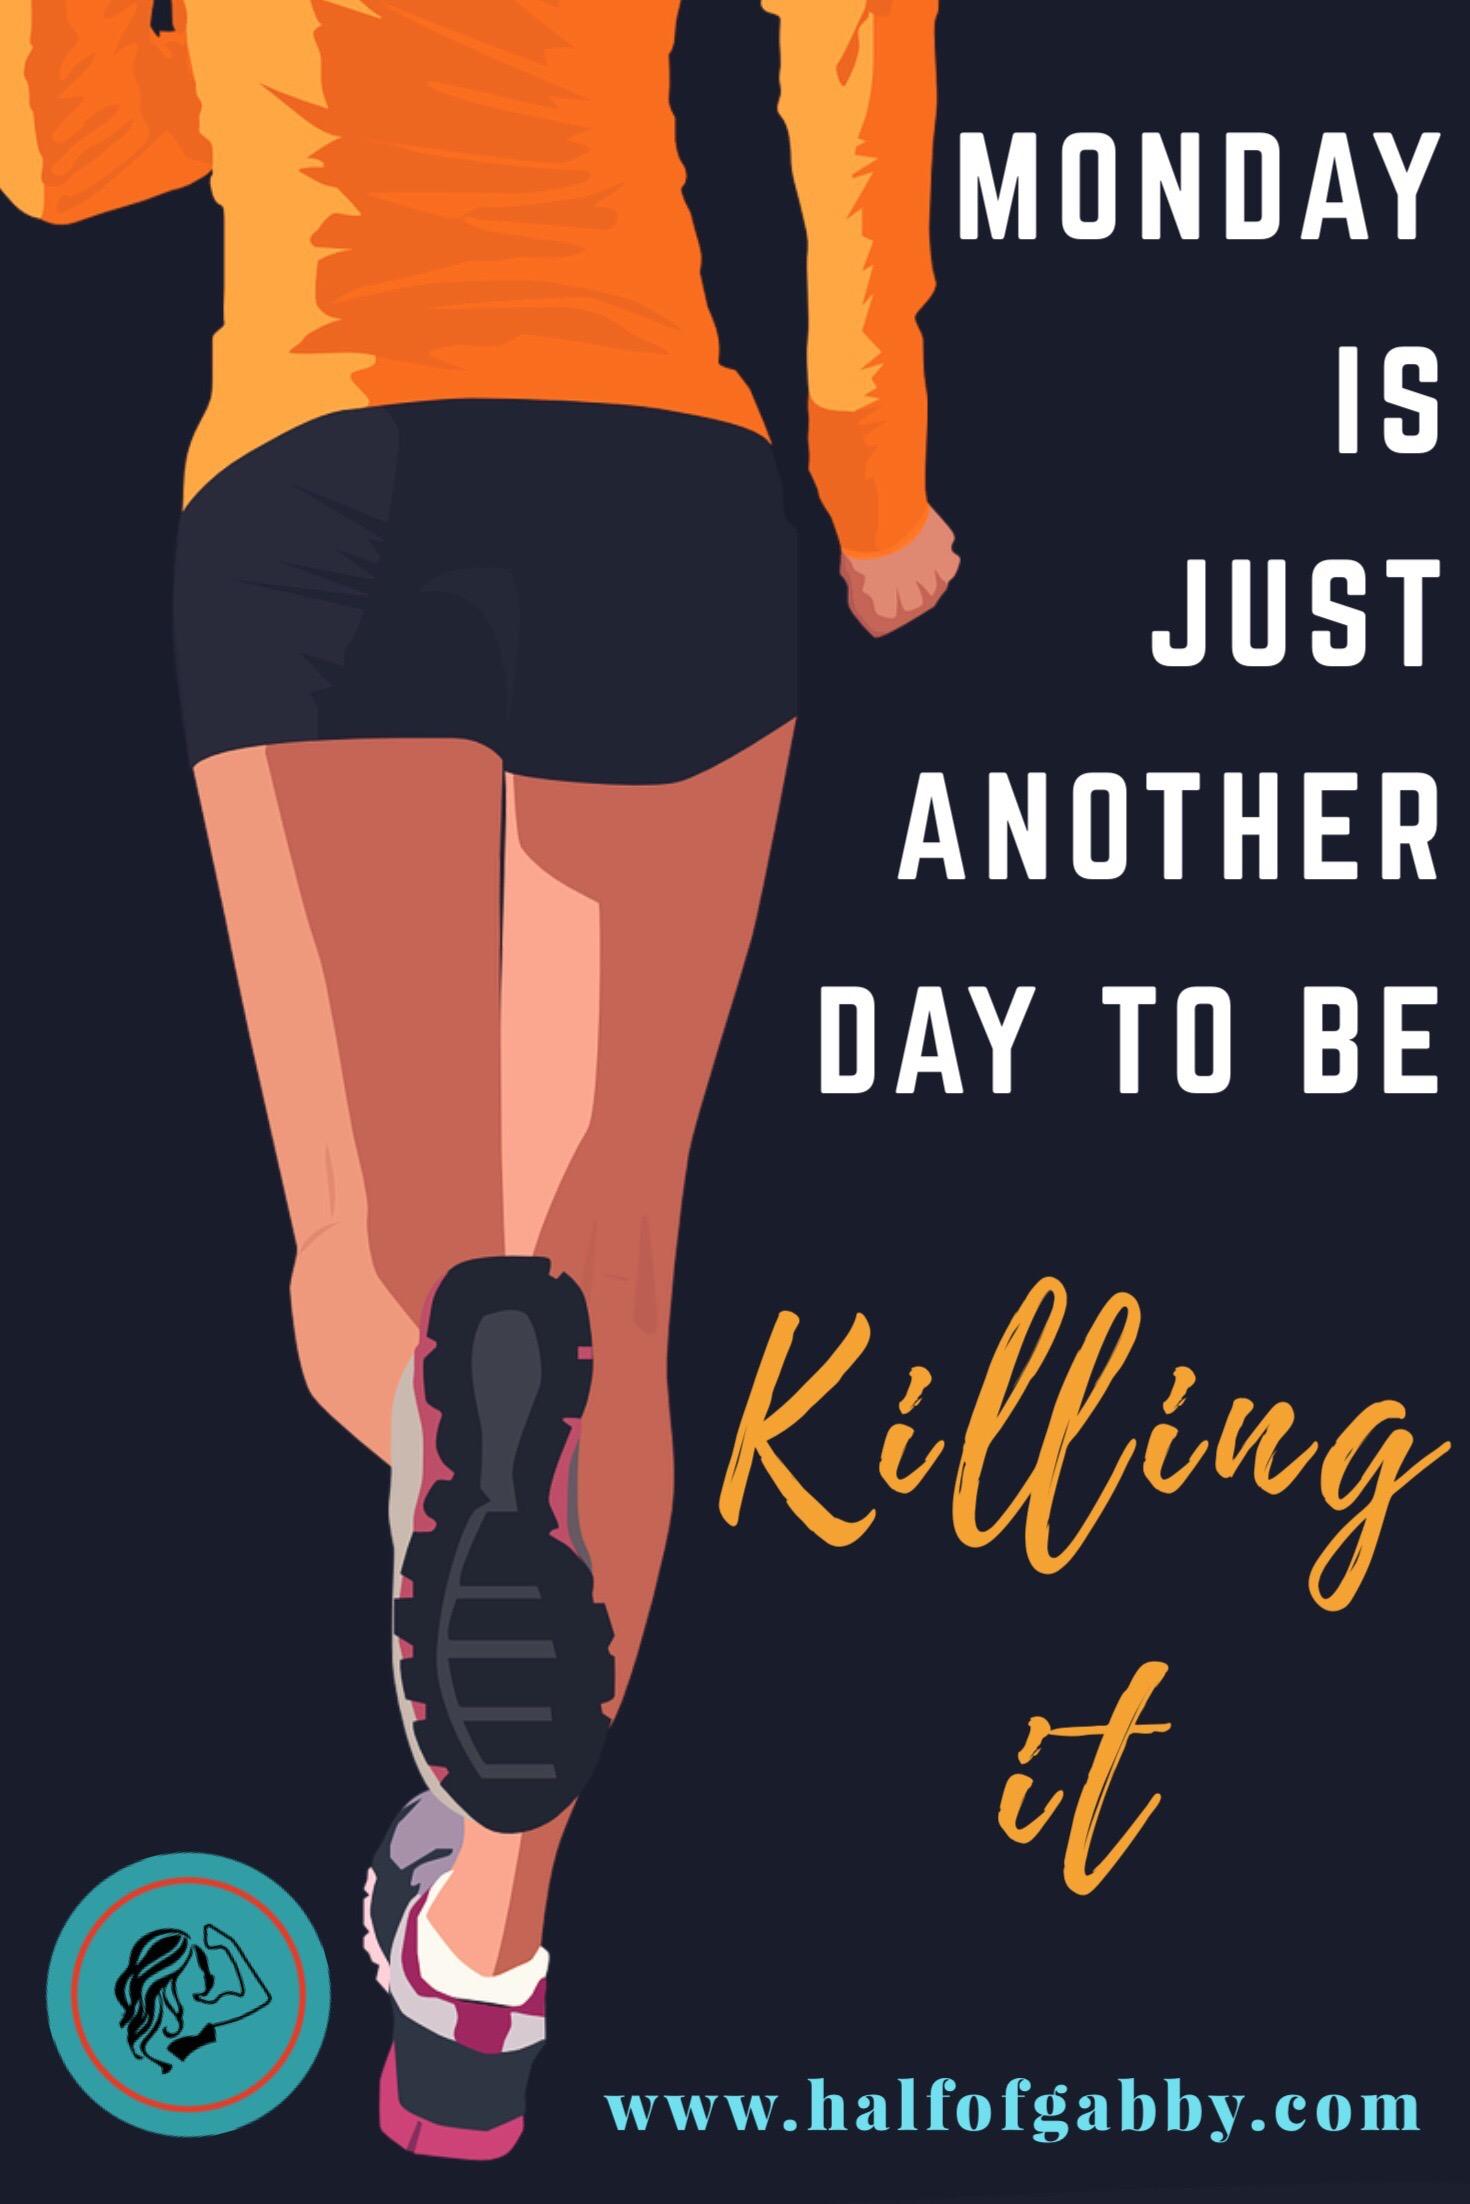 Keep killin' it.